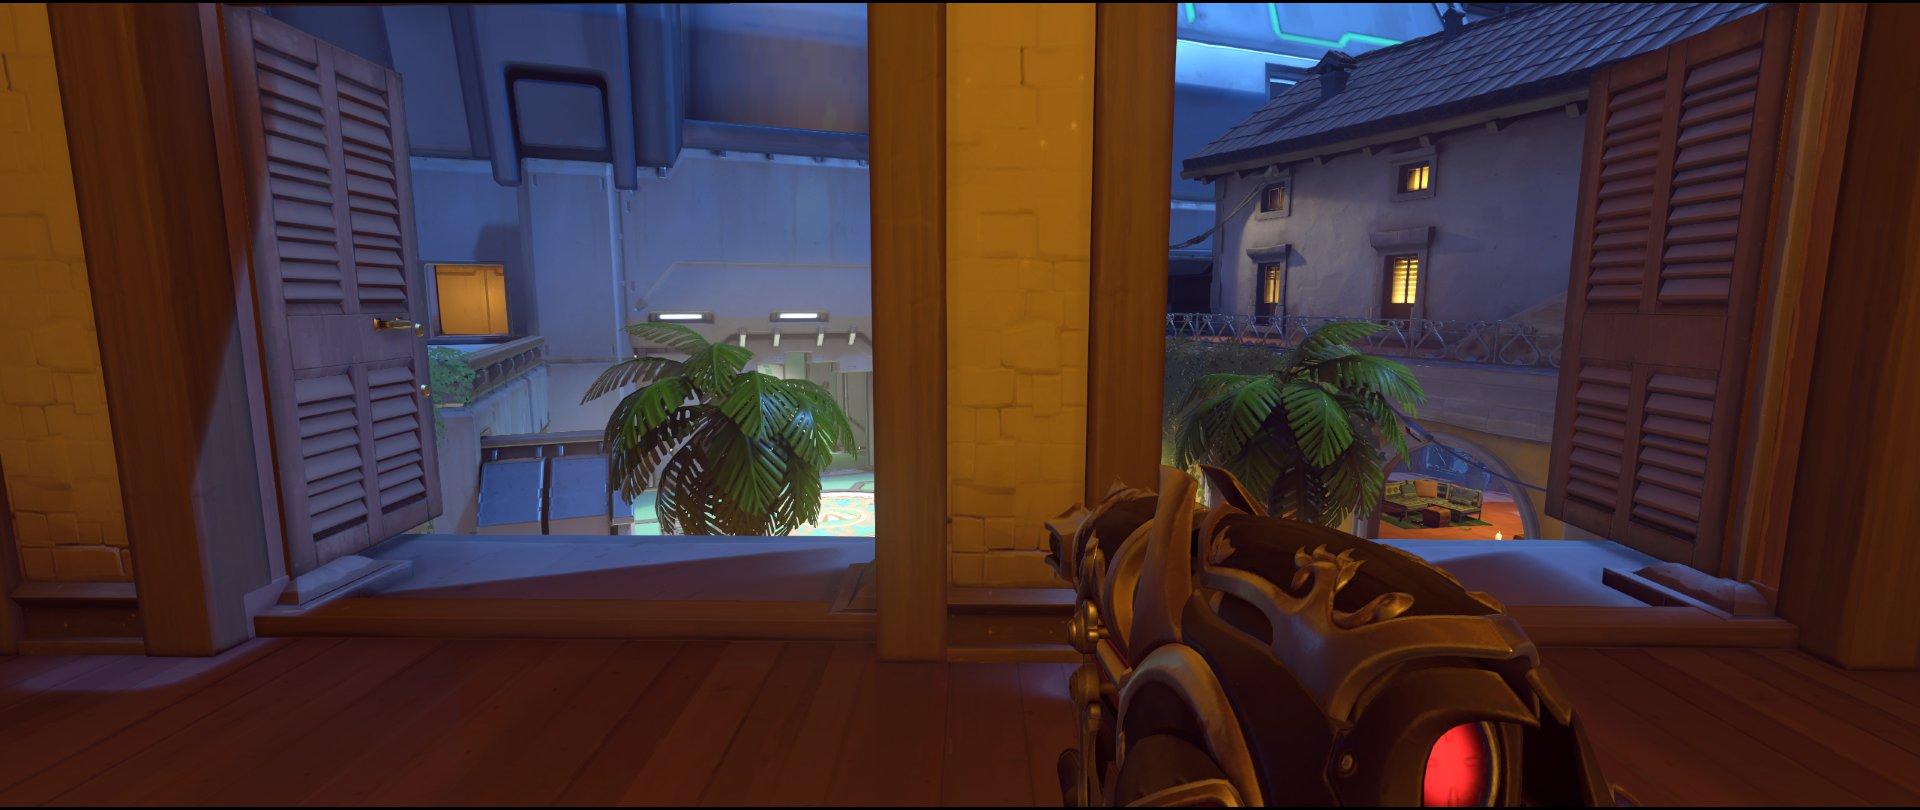 Windows Church attack sniping spot Widowmaker Dorado.jpg